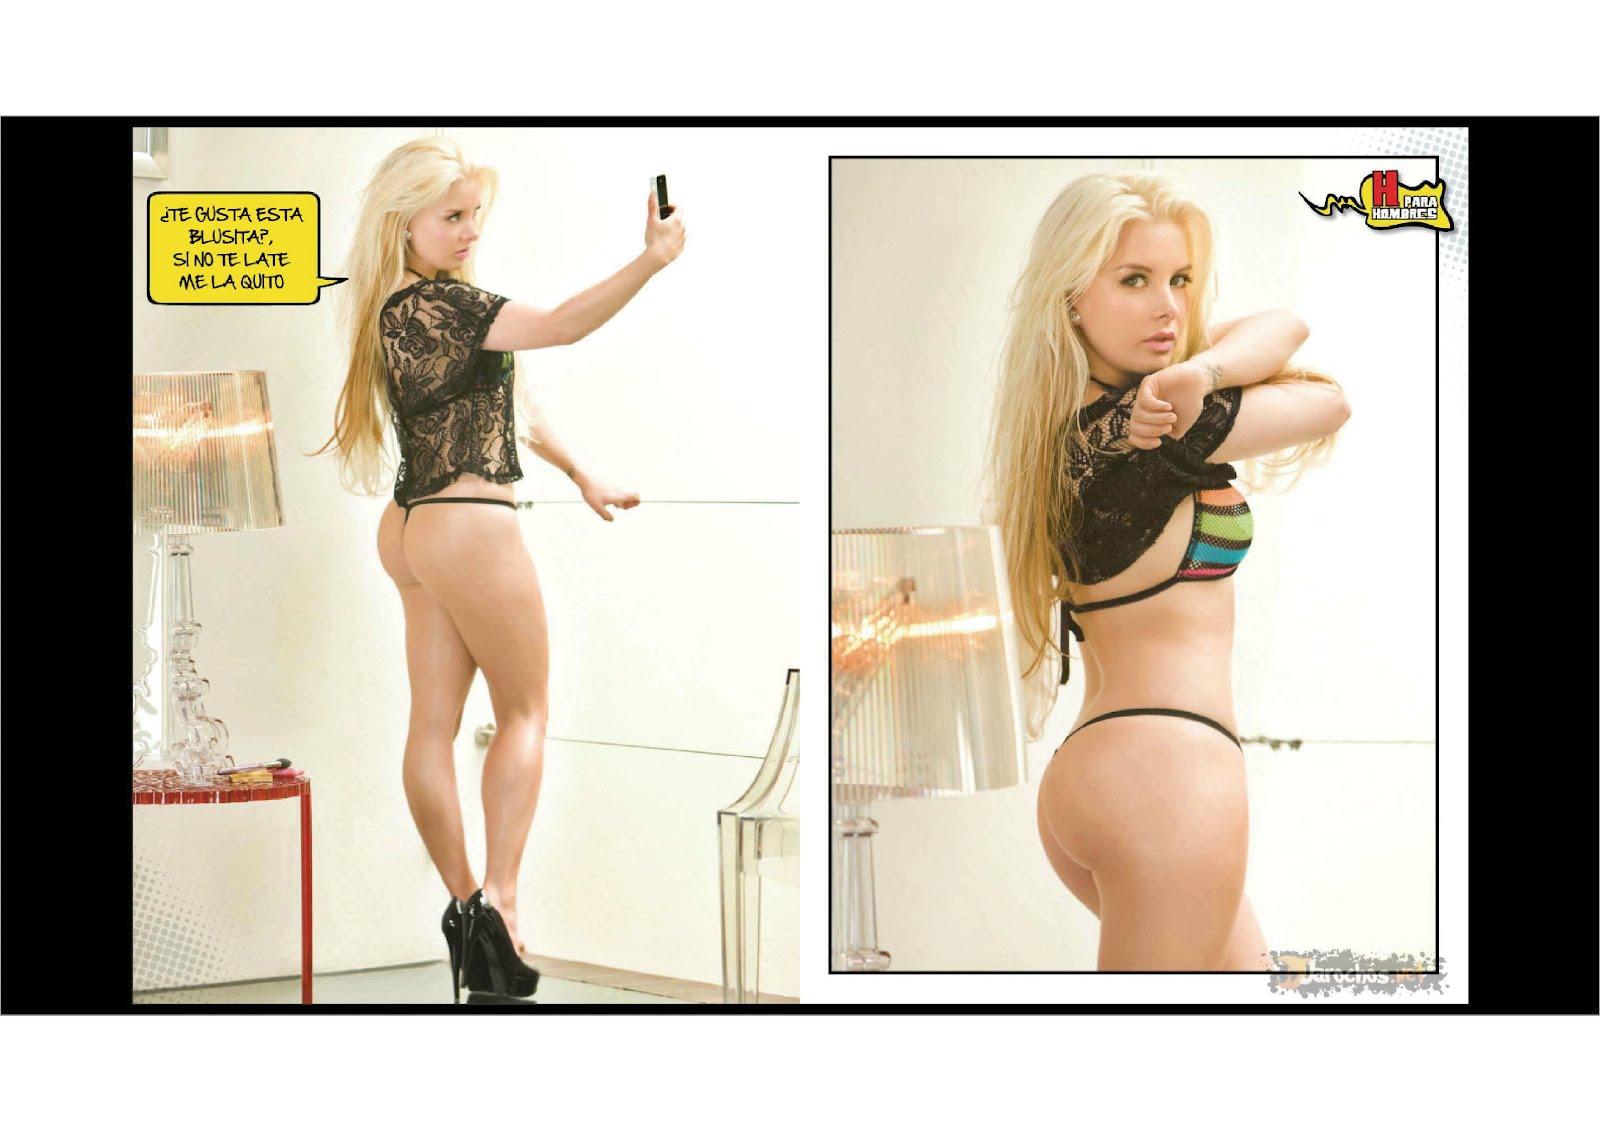 boyer revista h para hombres image angelique pictures Car Pictures